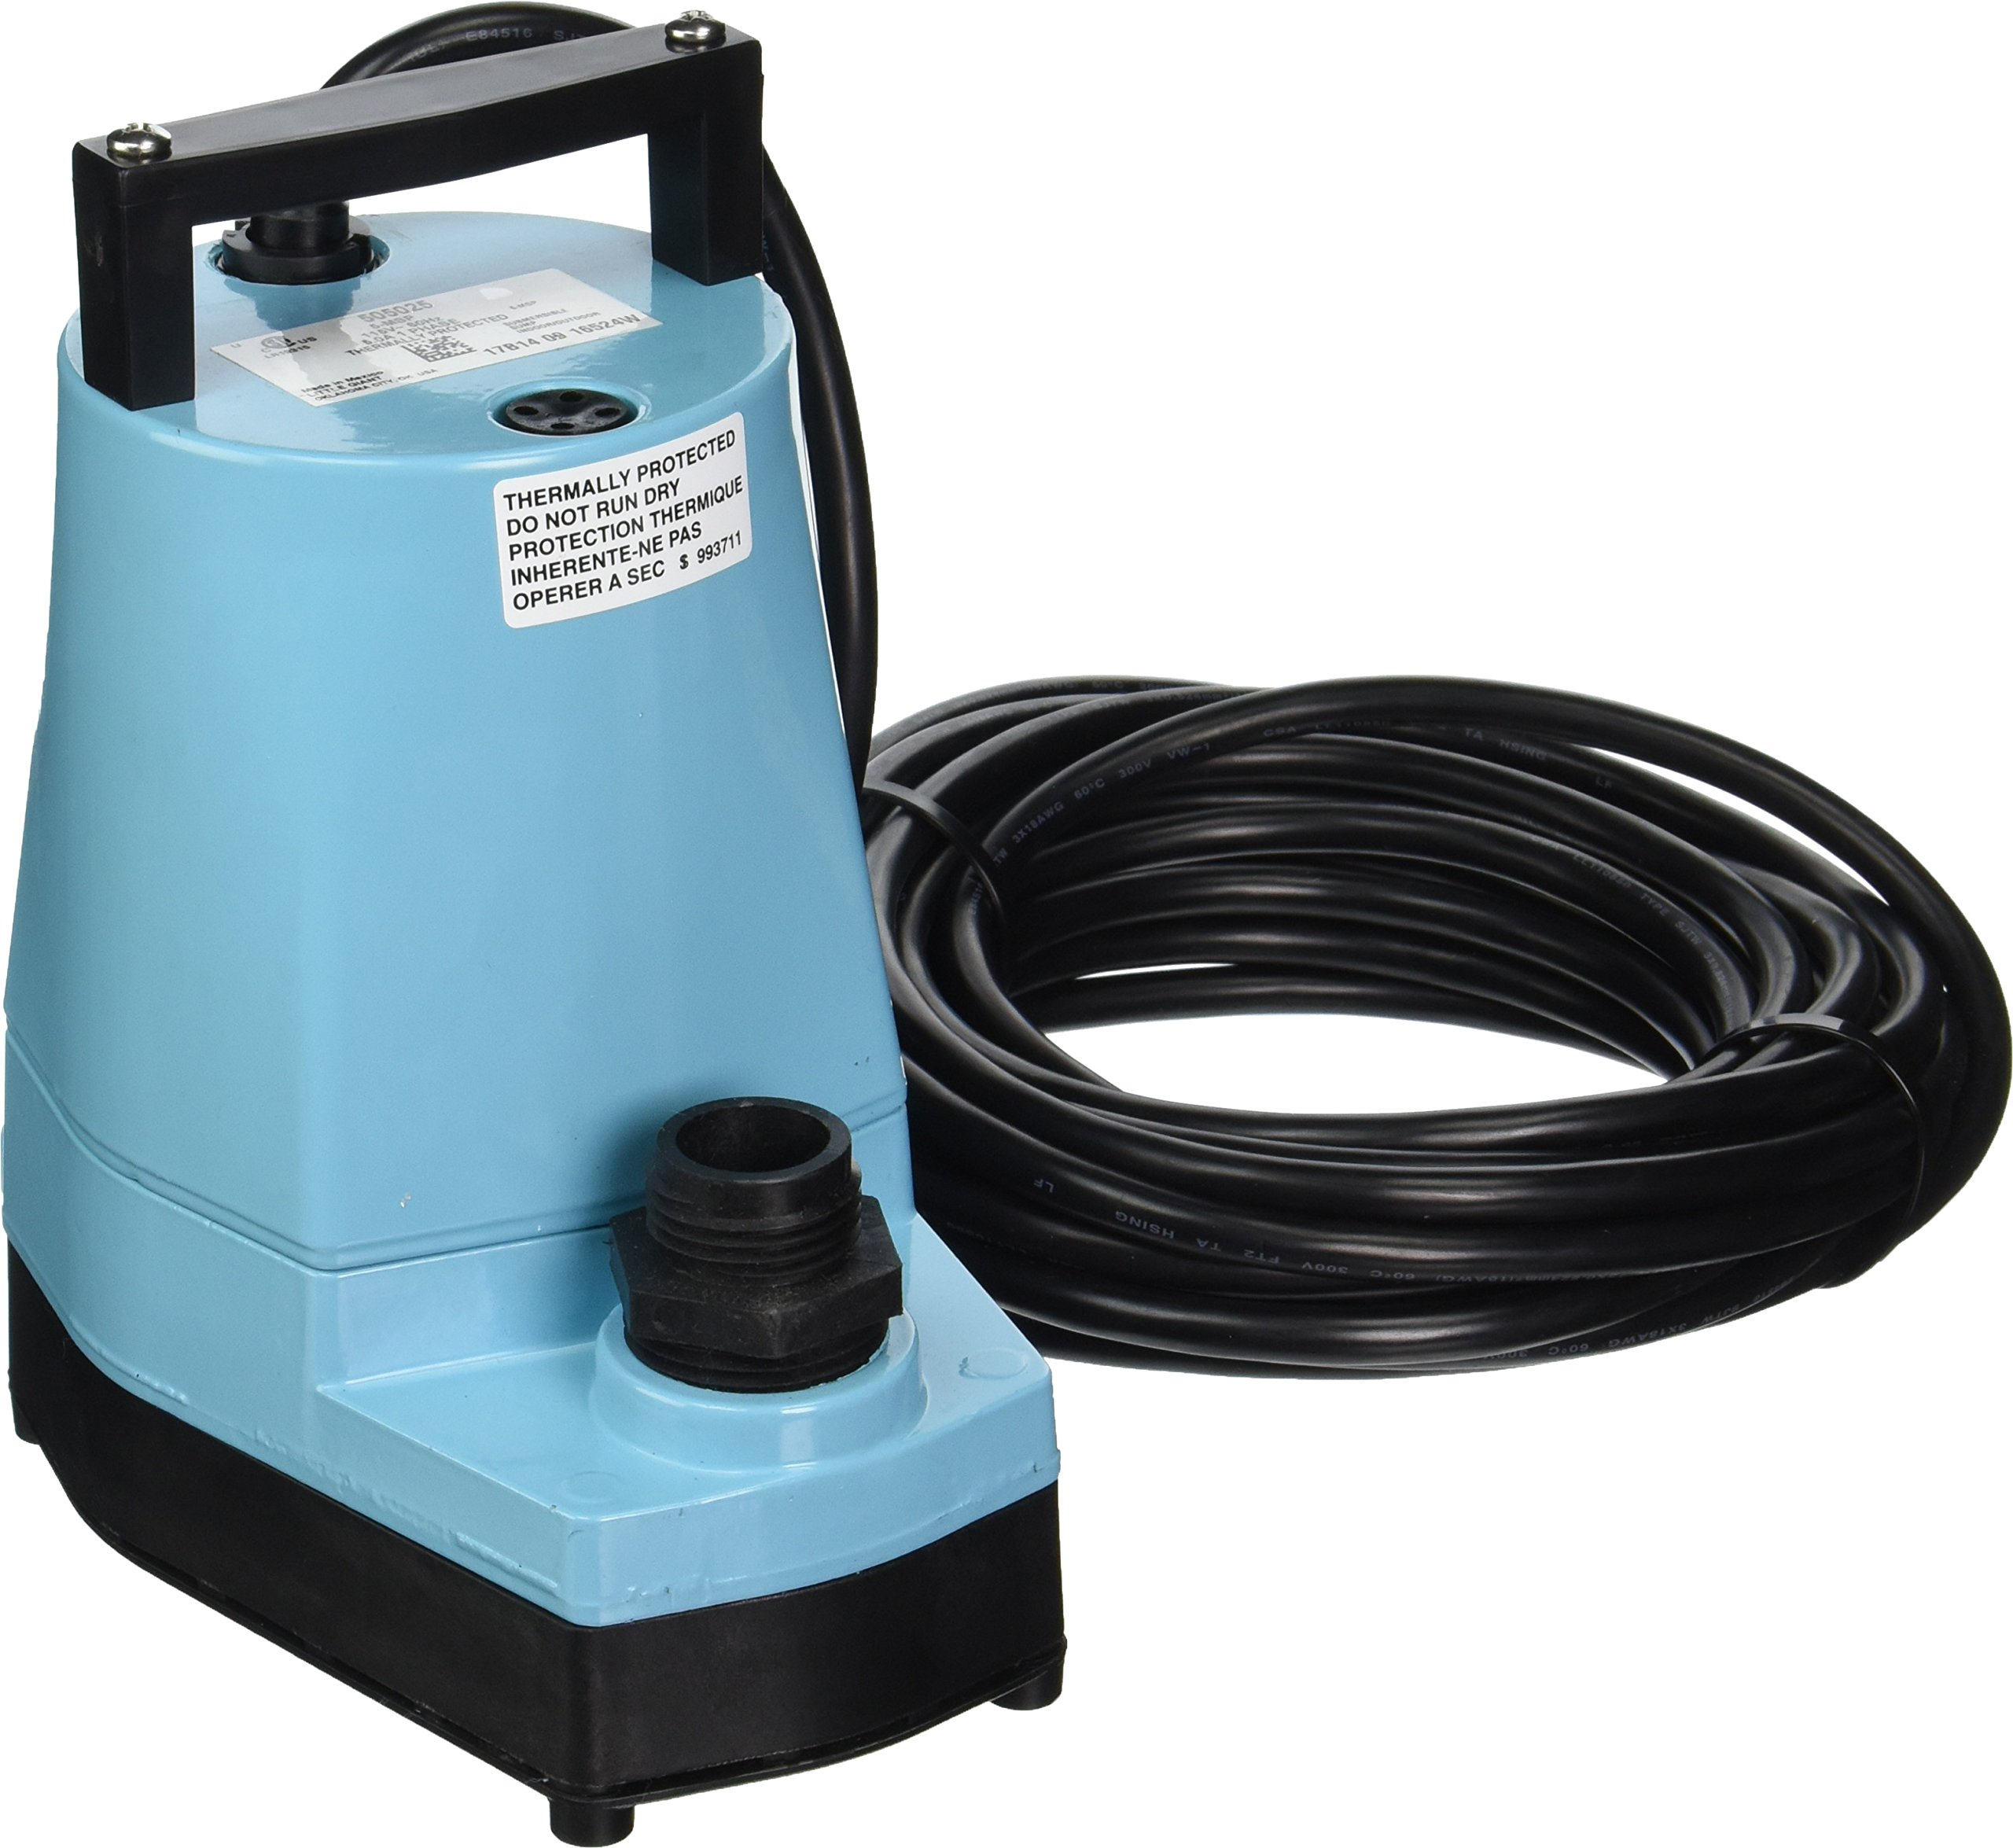 Little Giant 505025 1/6 HP Submersible Utility Pump, 5-MSP 115 Volt 1200 GPH